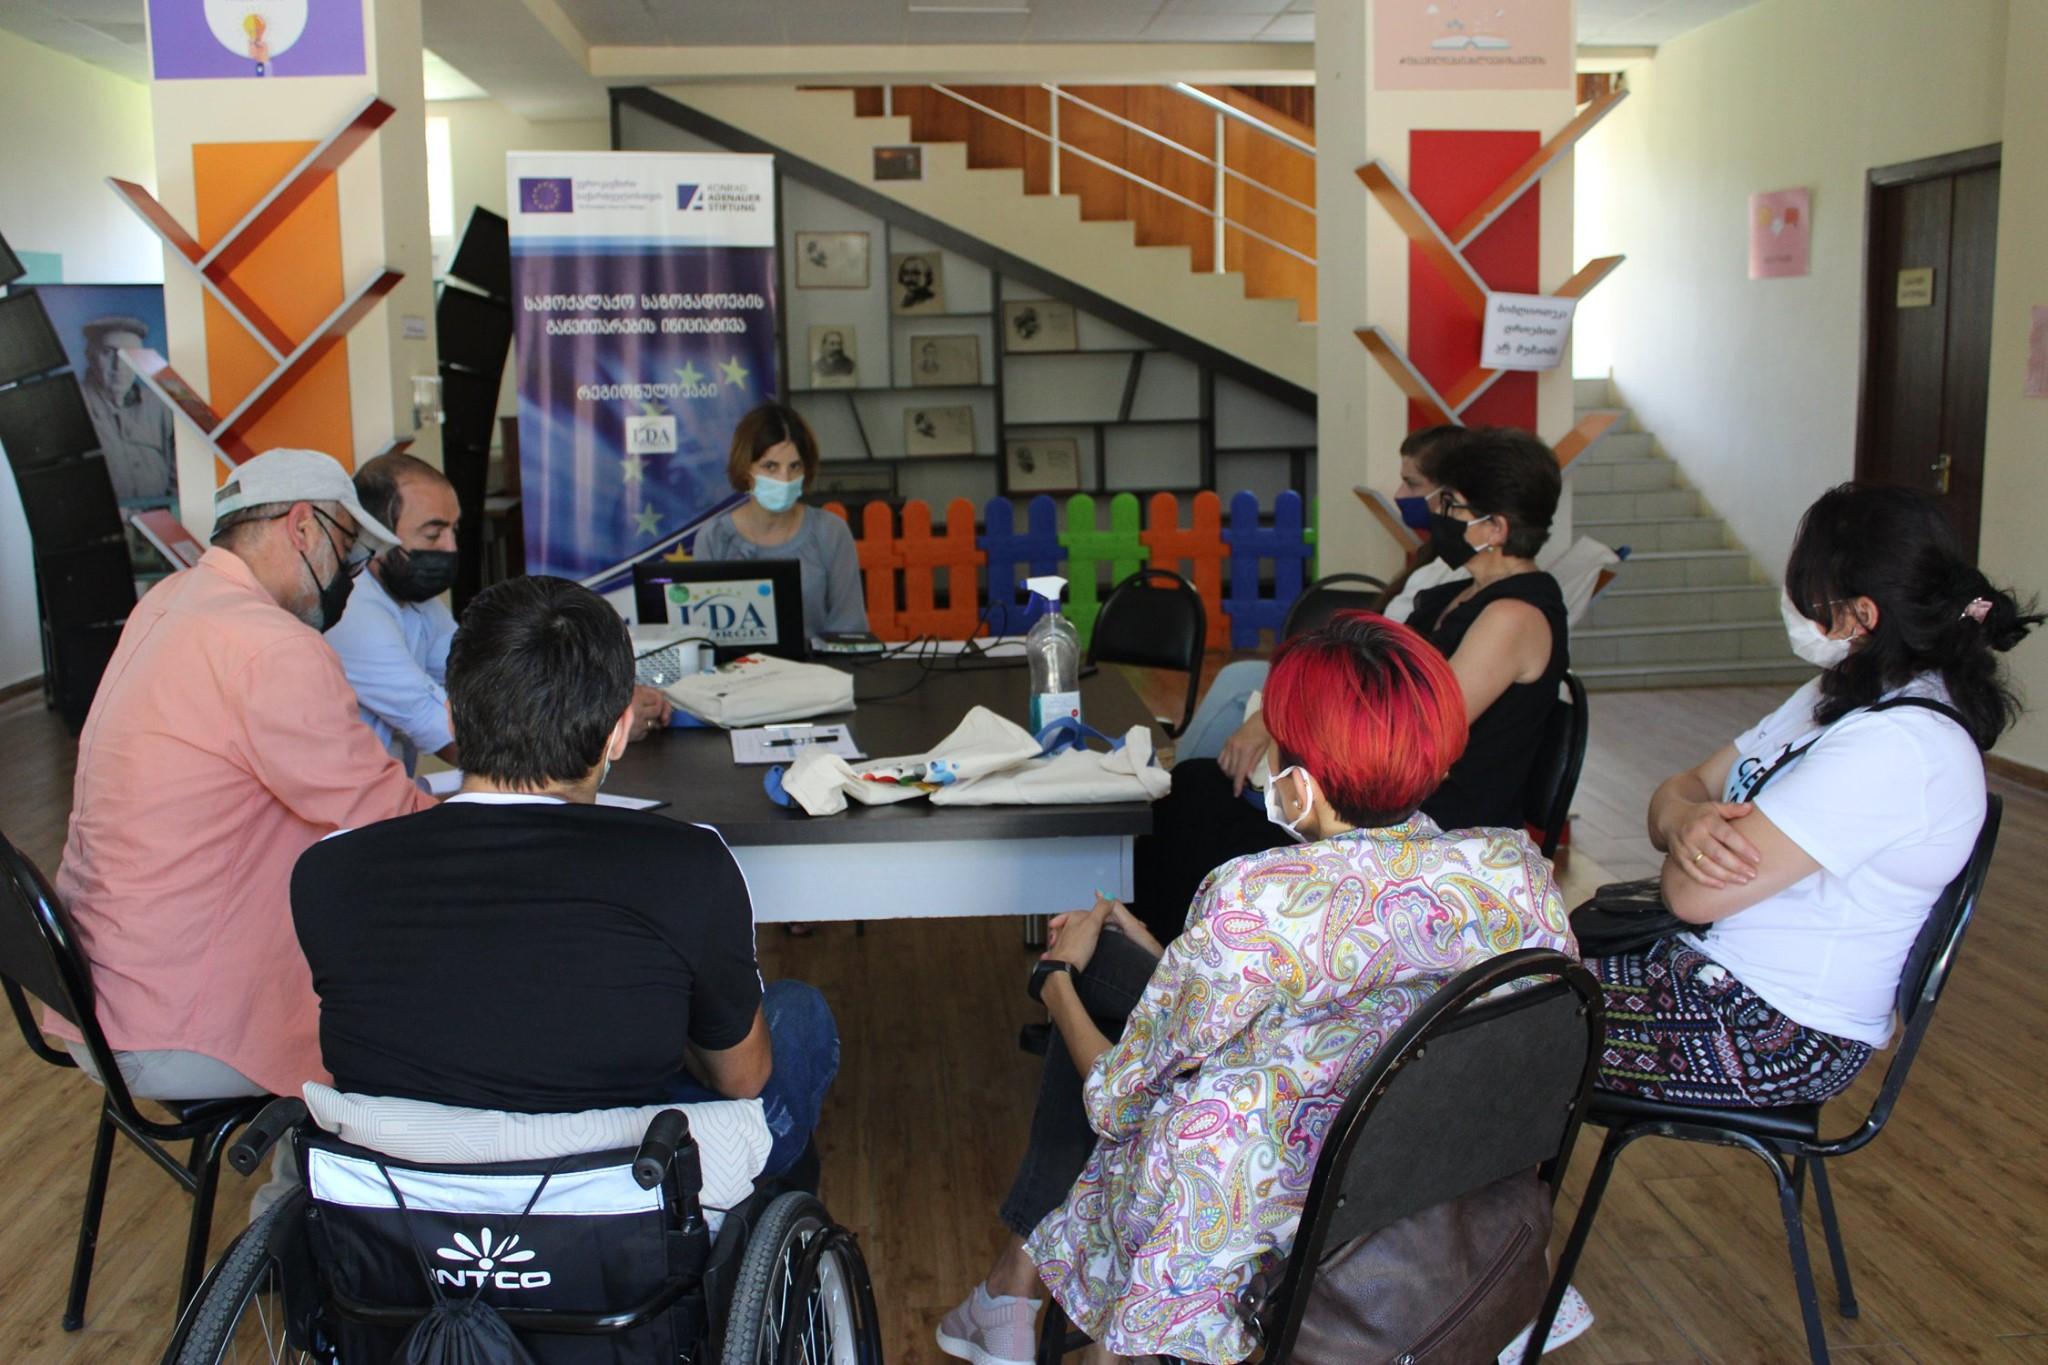 საკონსულტაციო შეხვედრა საზოგადოებრივი ორგანიზაციების წარმომადგენლებისათვის